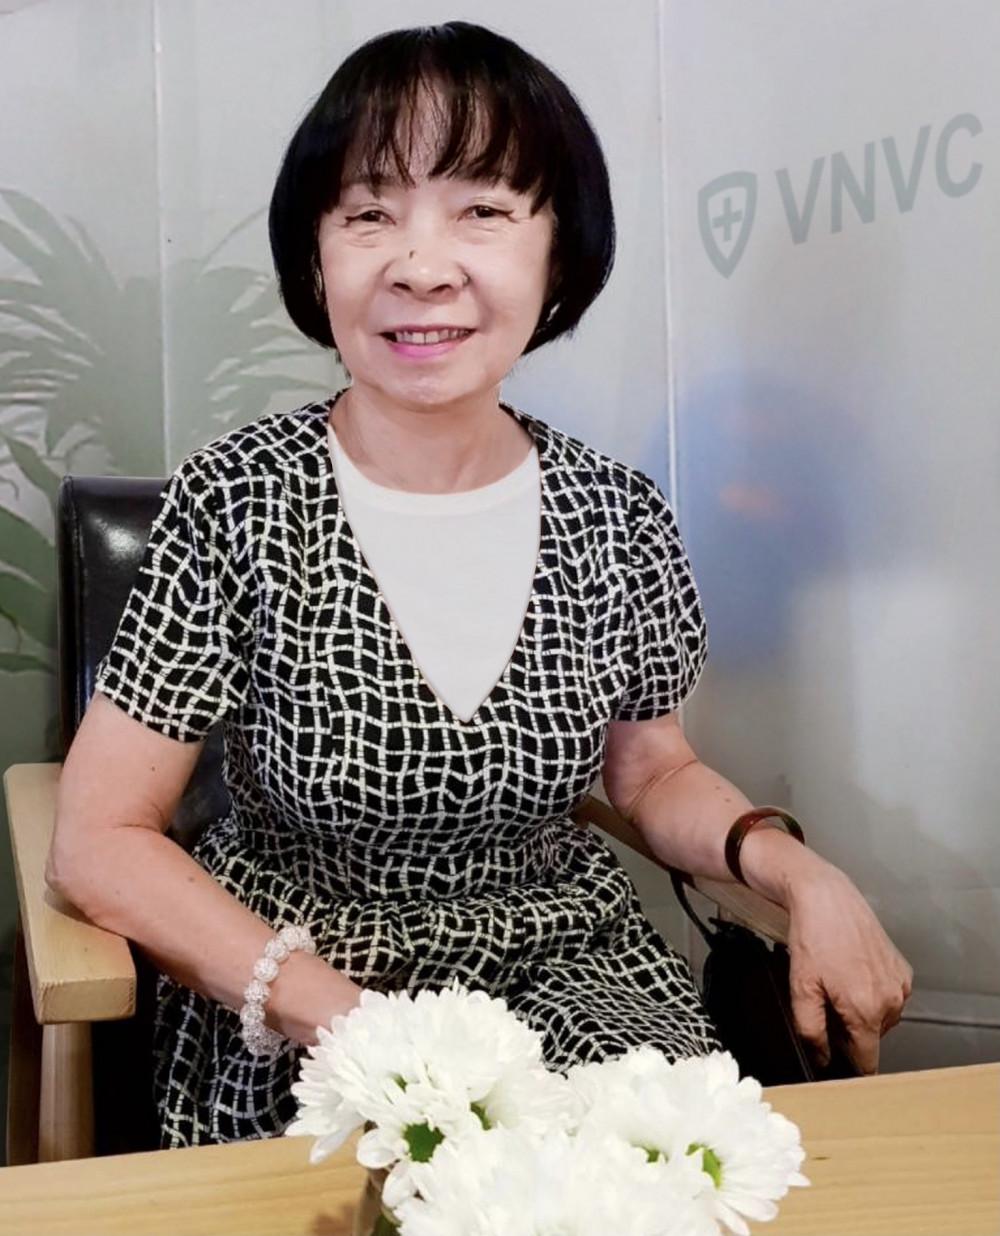 Dược sĩ Trần Thị Trung Trinh, Giám đốc Kiểm soát chất lượng của Hệ thống Trung tâm Tiêm chủng VNVC, người đang giữ cánh cửa vắc-xin an toàn cho hàng triệu người dân